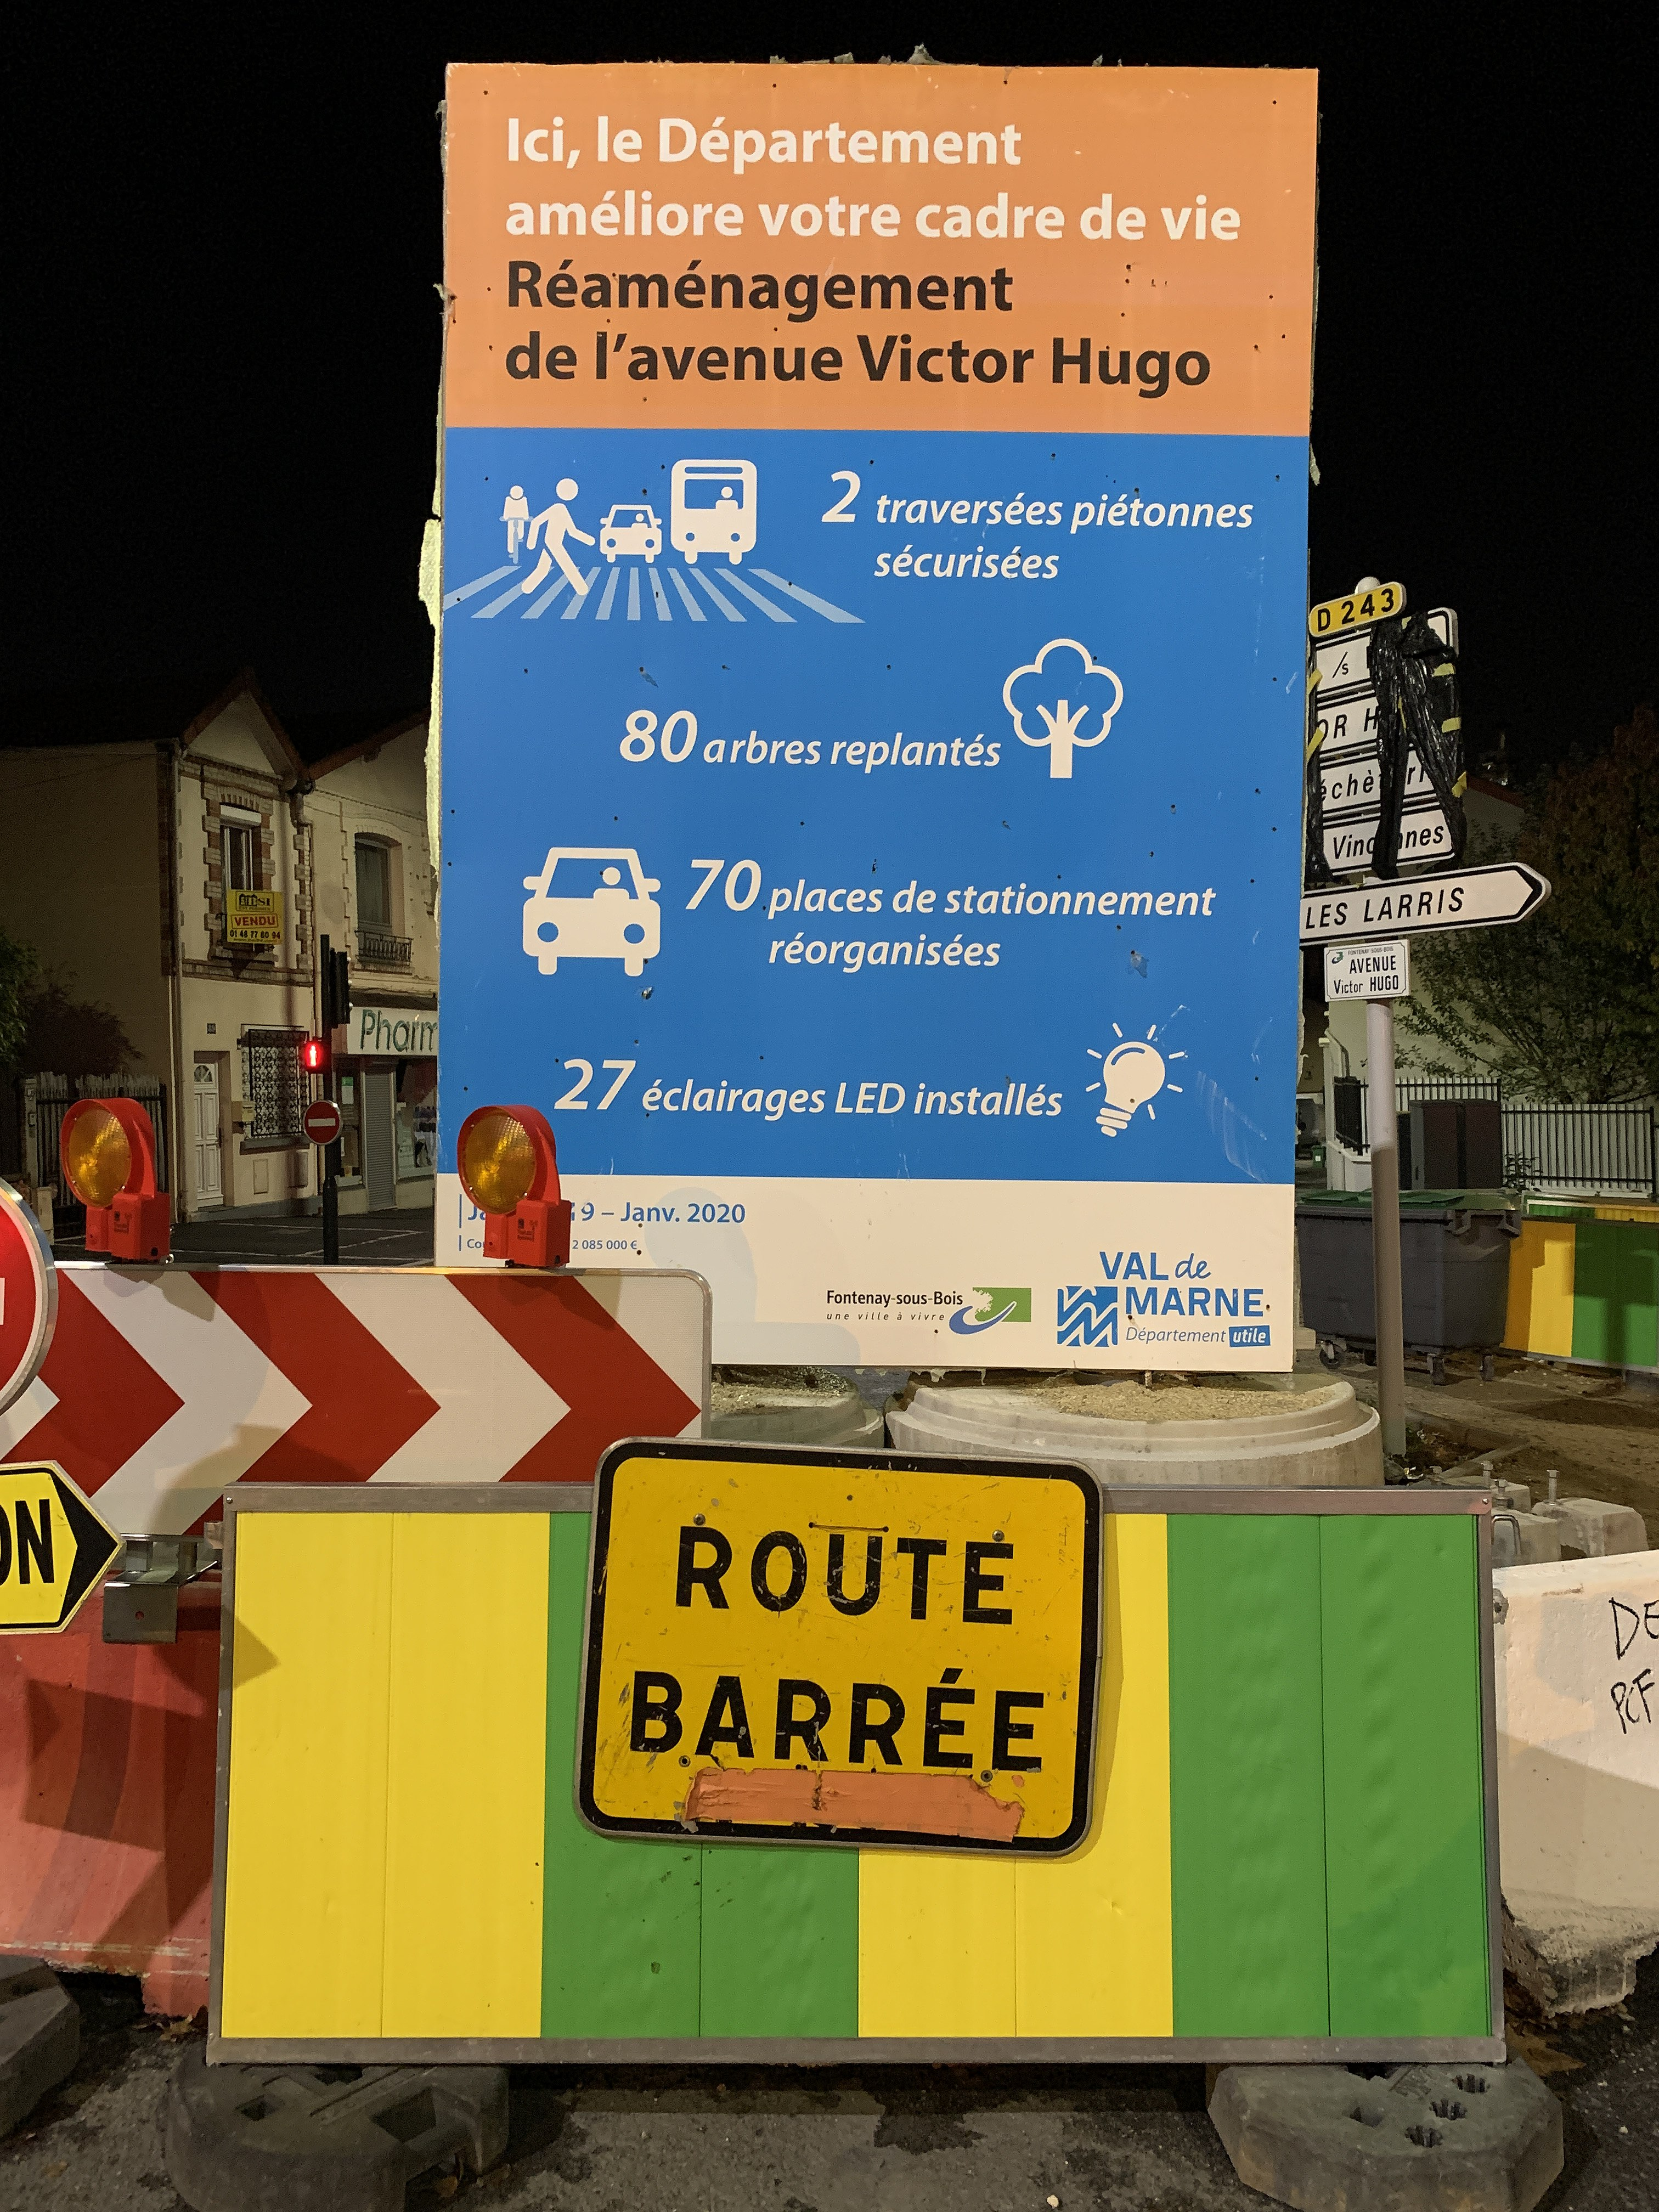 Vivre Dans Les Travaux file:panneau travaux réaménagement avenue victor hugo